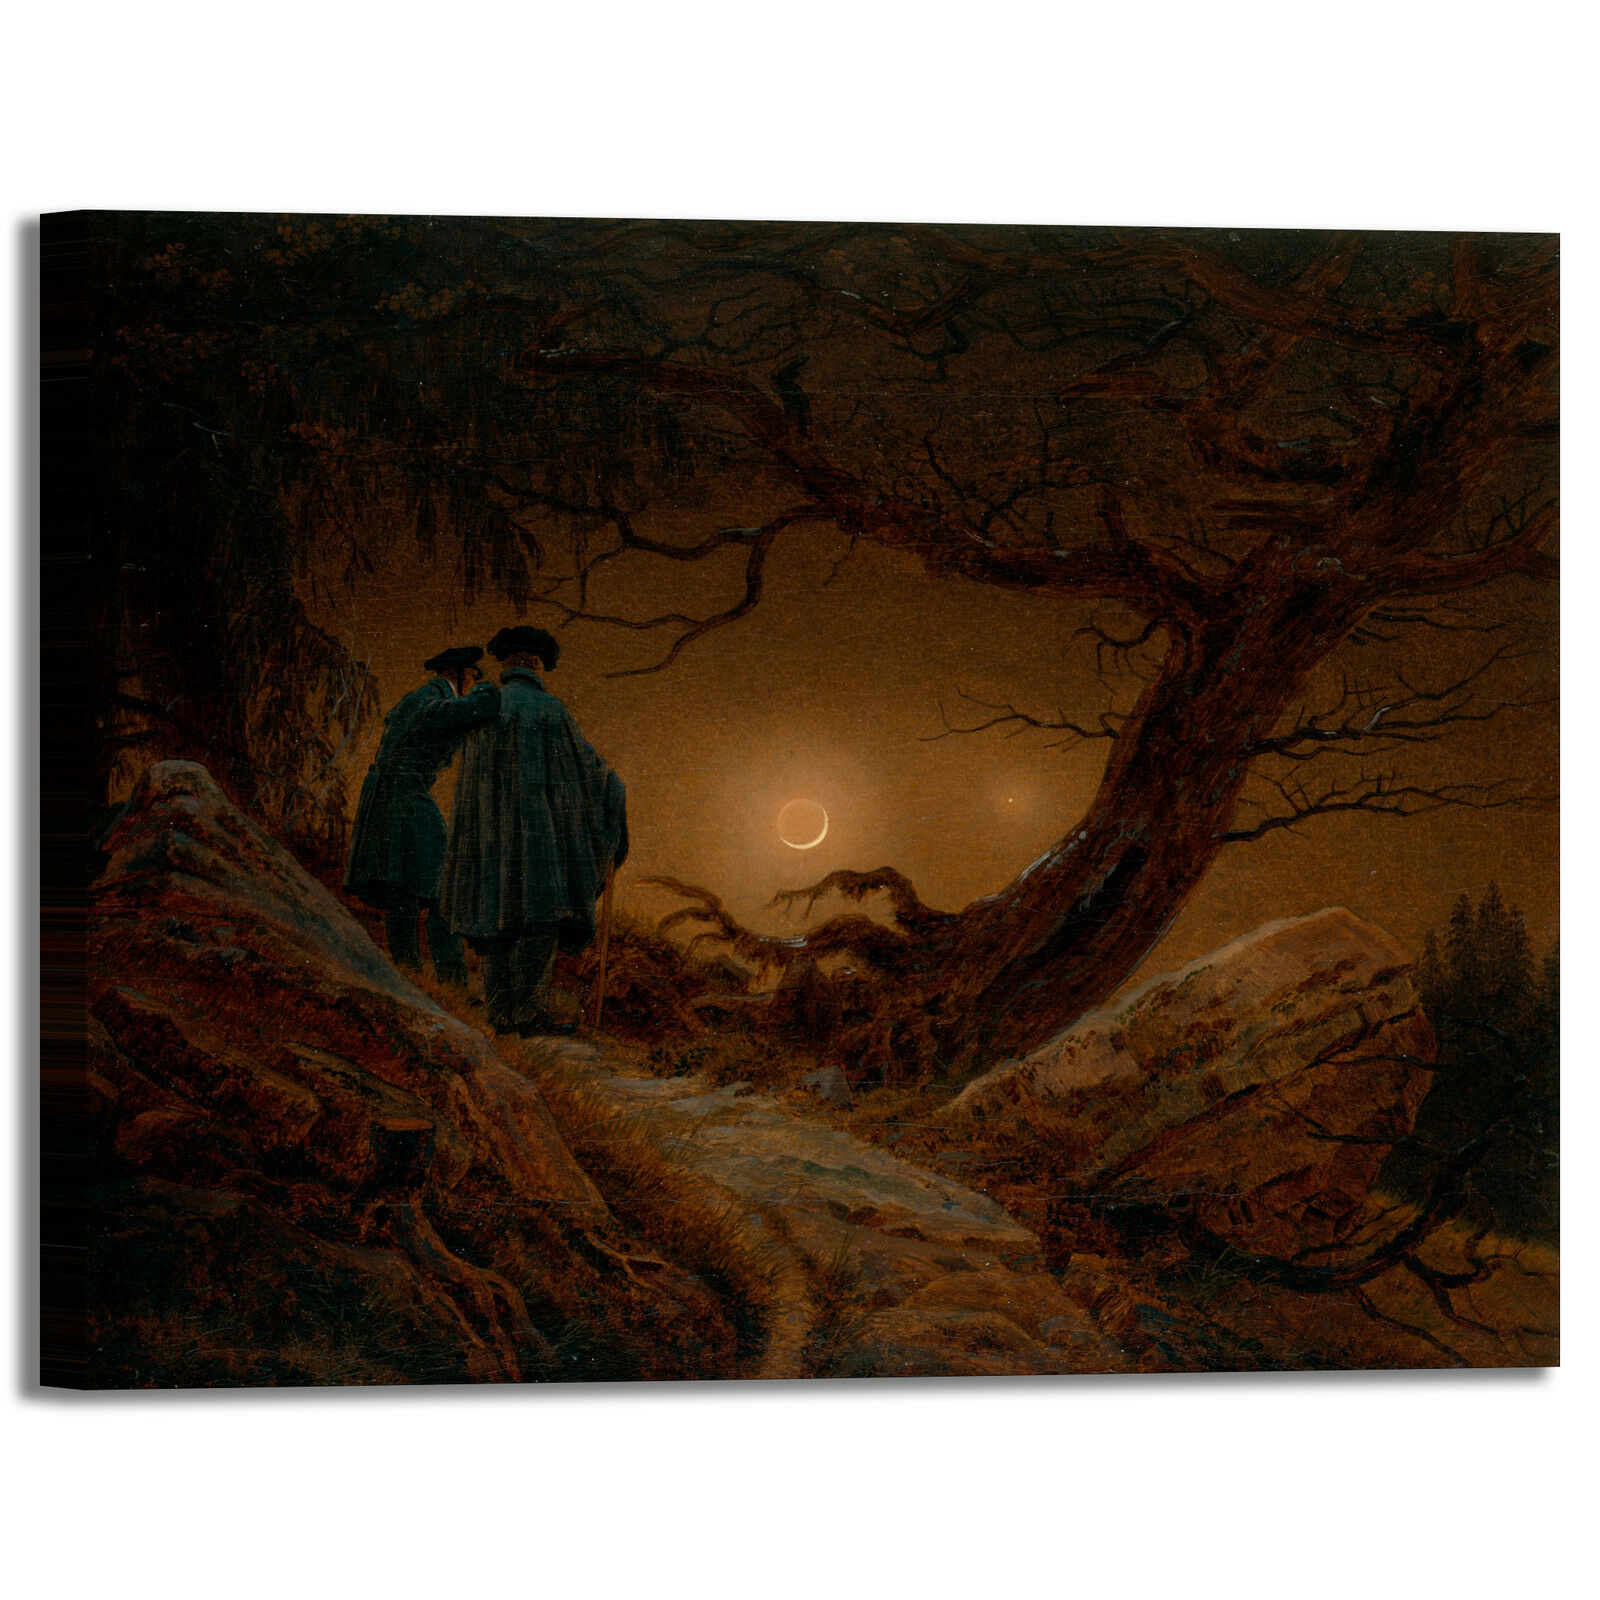 Caspar uomini e la luna design quadro stampa tela dipinto telaio arroto casa